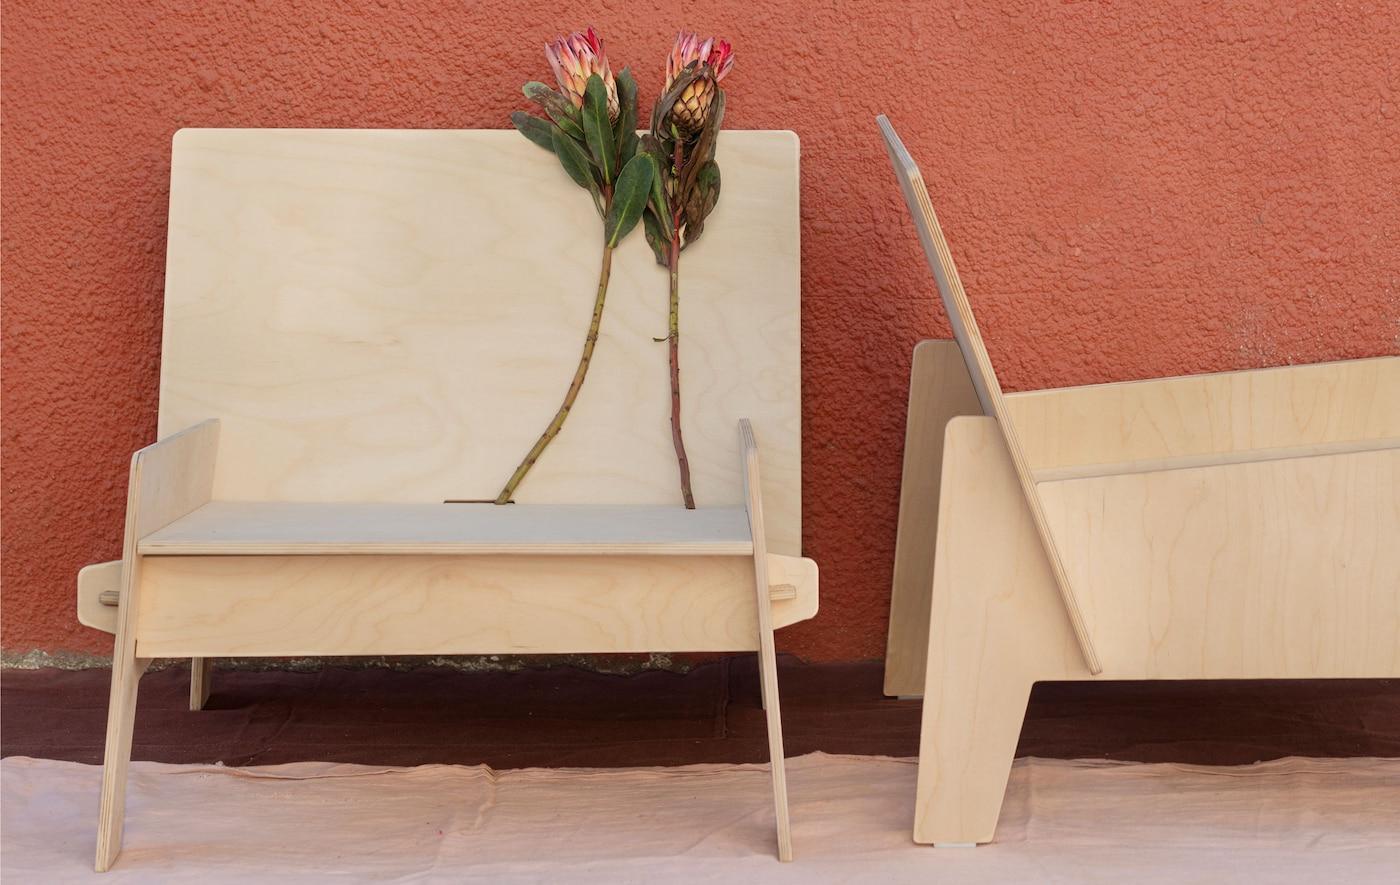 Dos sillas bajas y anchas, perpendiculares entre sí, totalmente hechas de láminas planas de contrachapado.